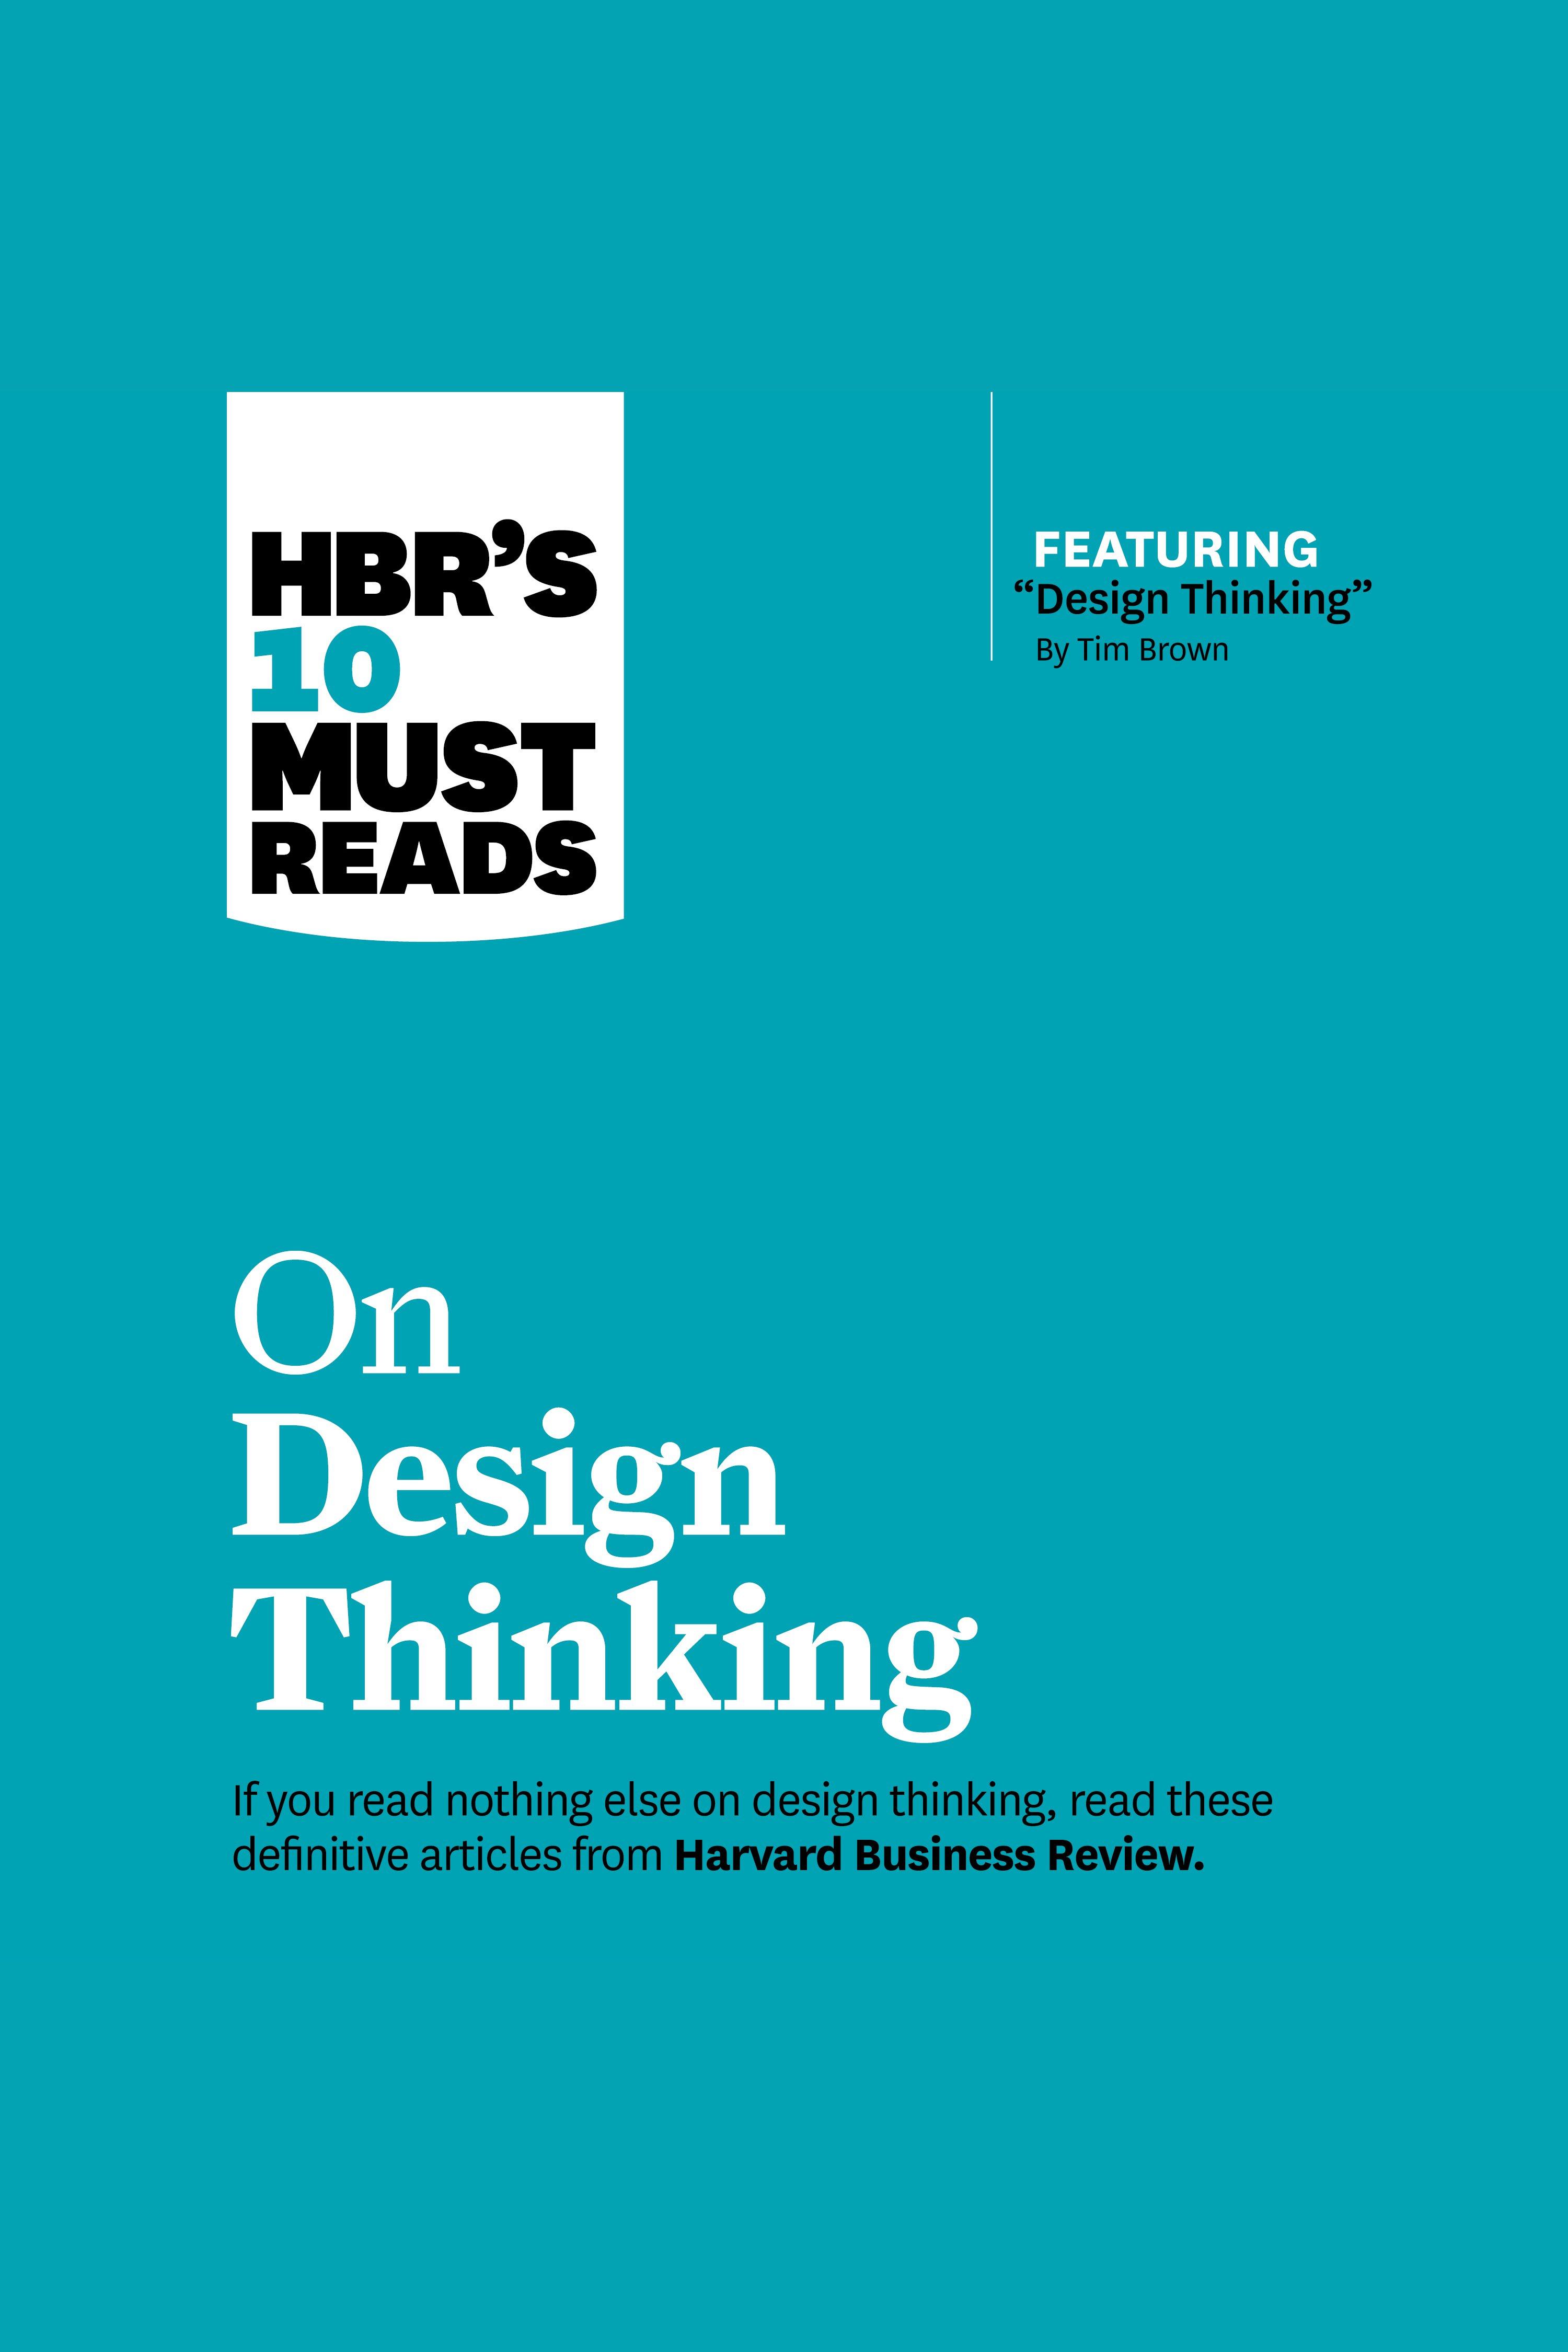 Esta es la portada del audiolibro HBR's 10 Must Reads on Design Thinking